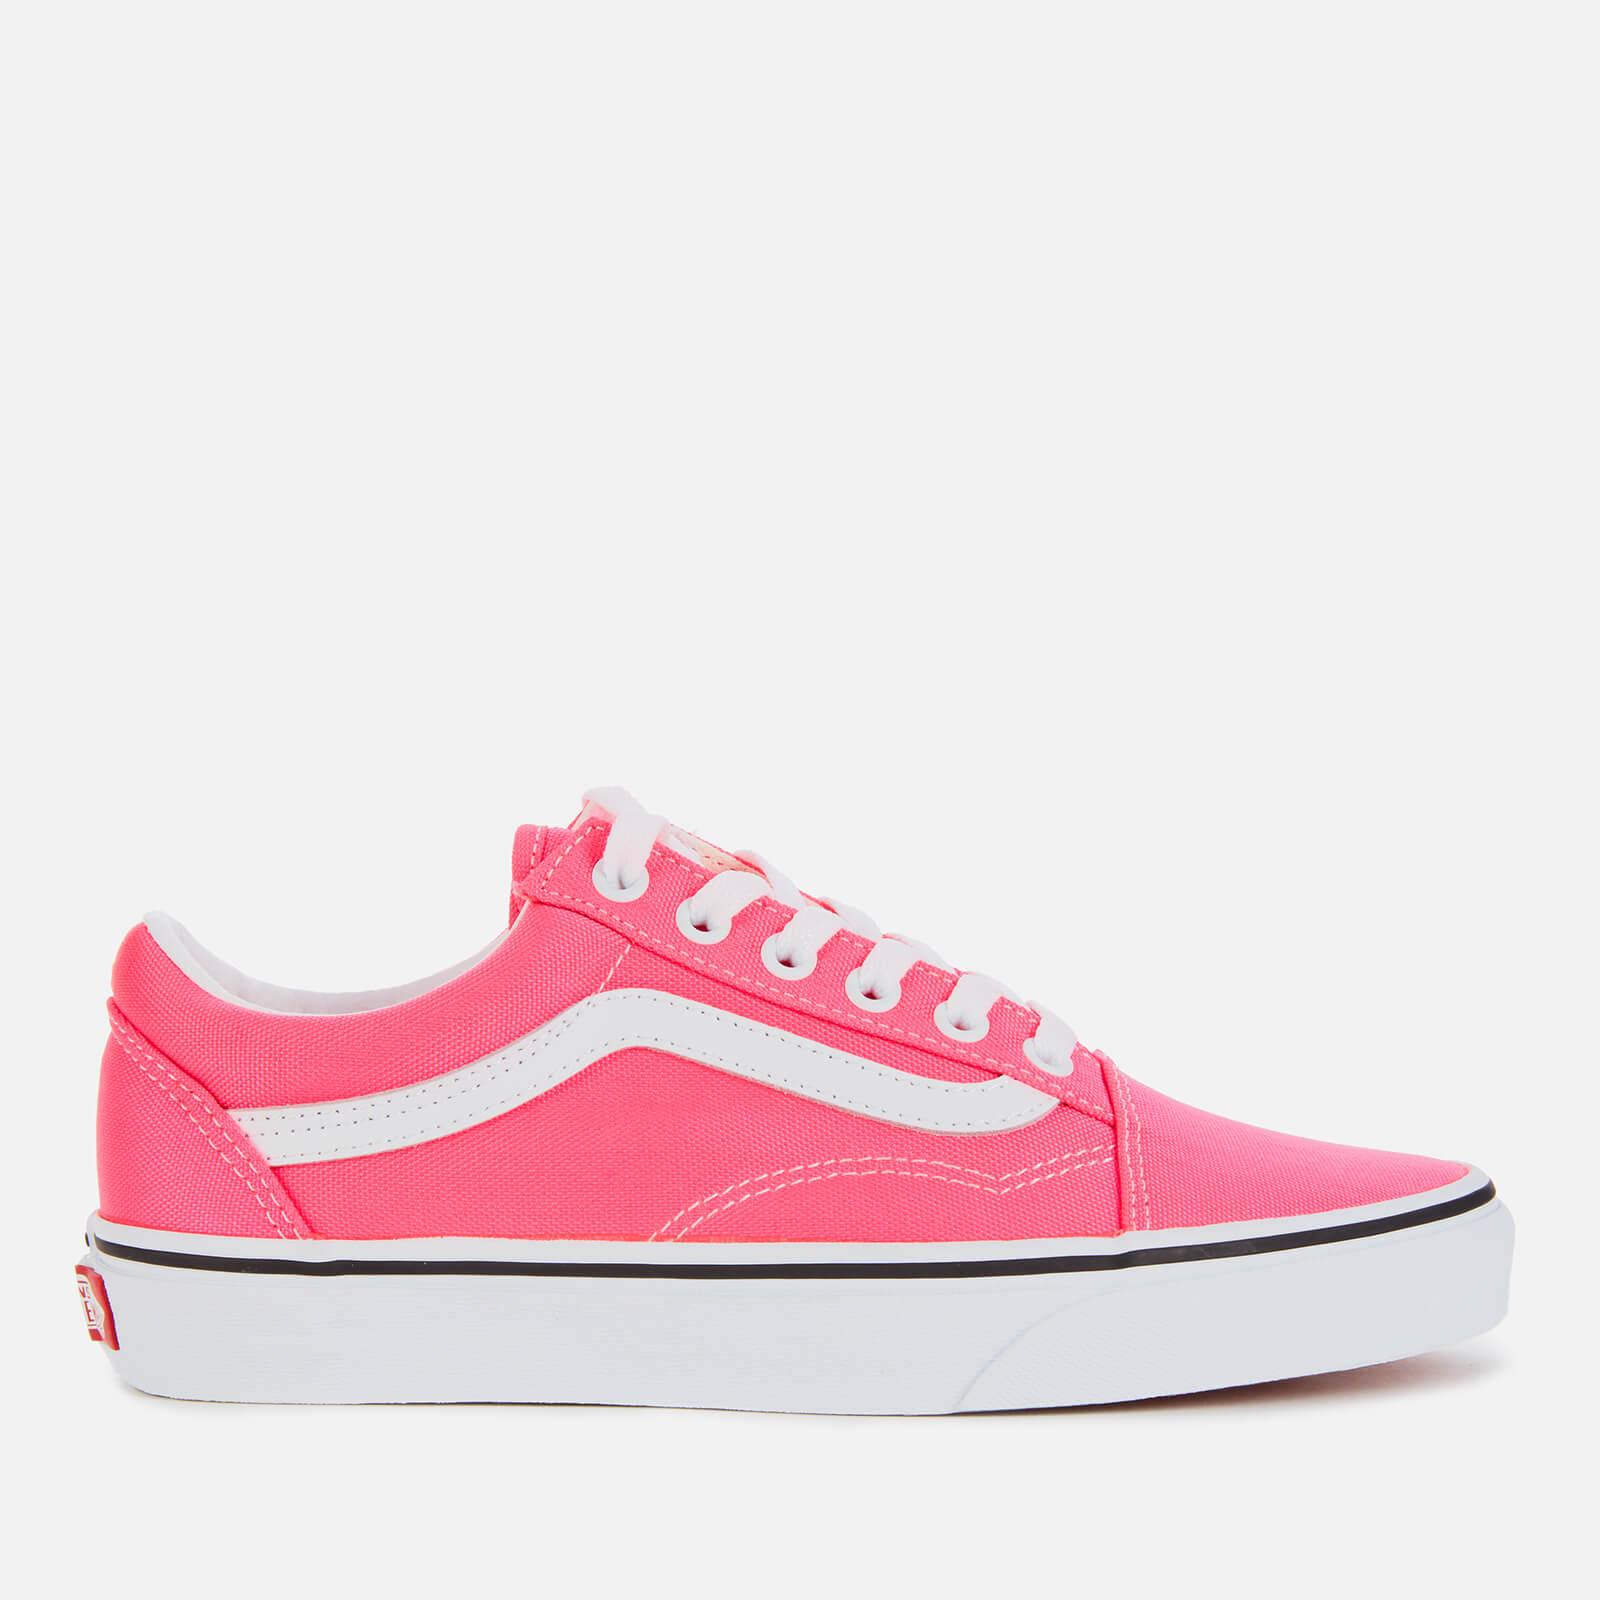 Vans Old Skool (Neon) Knockout Pink True White